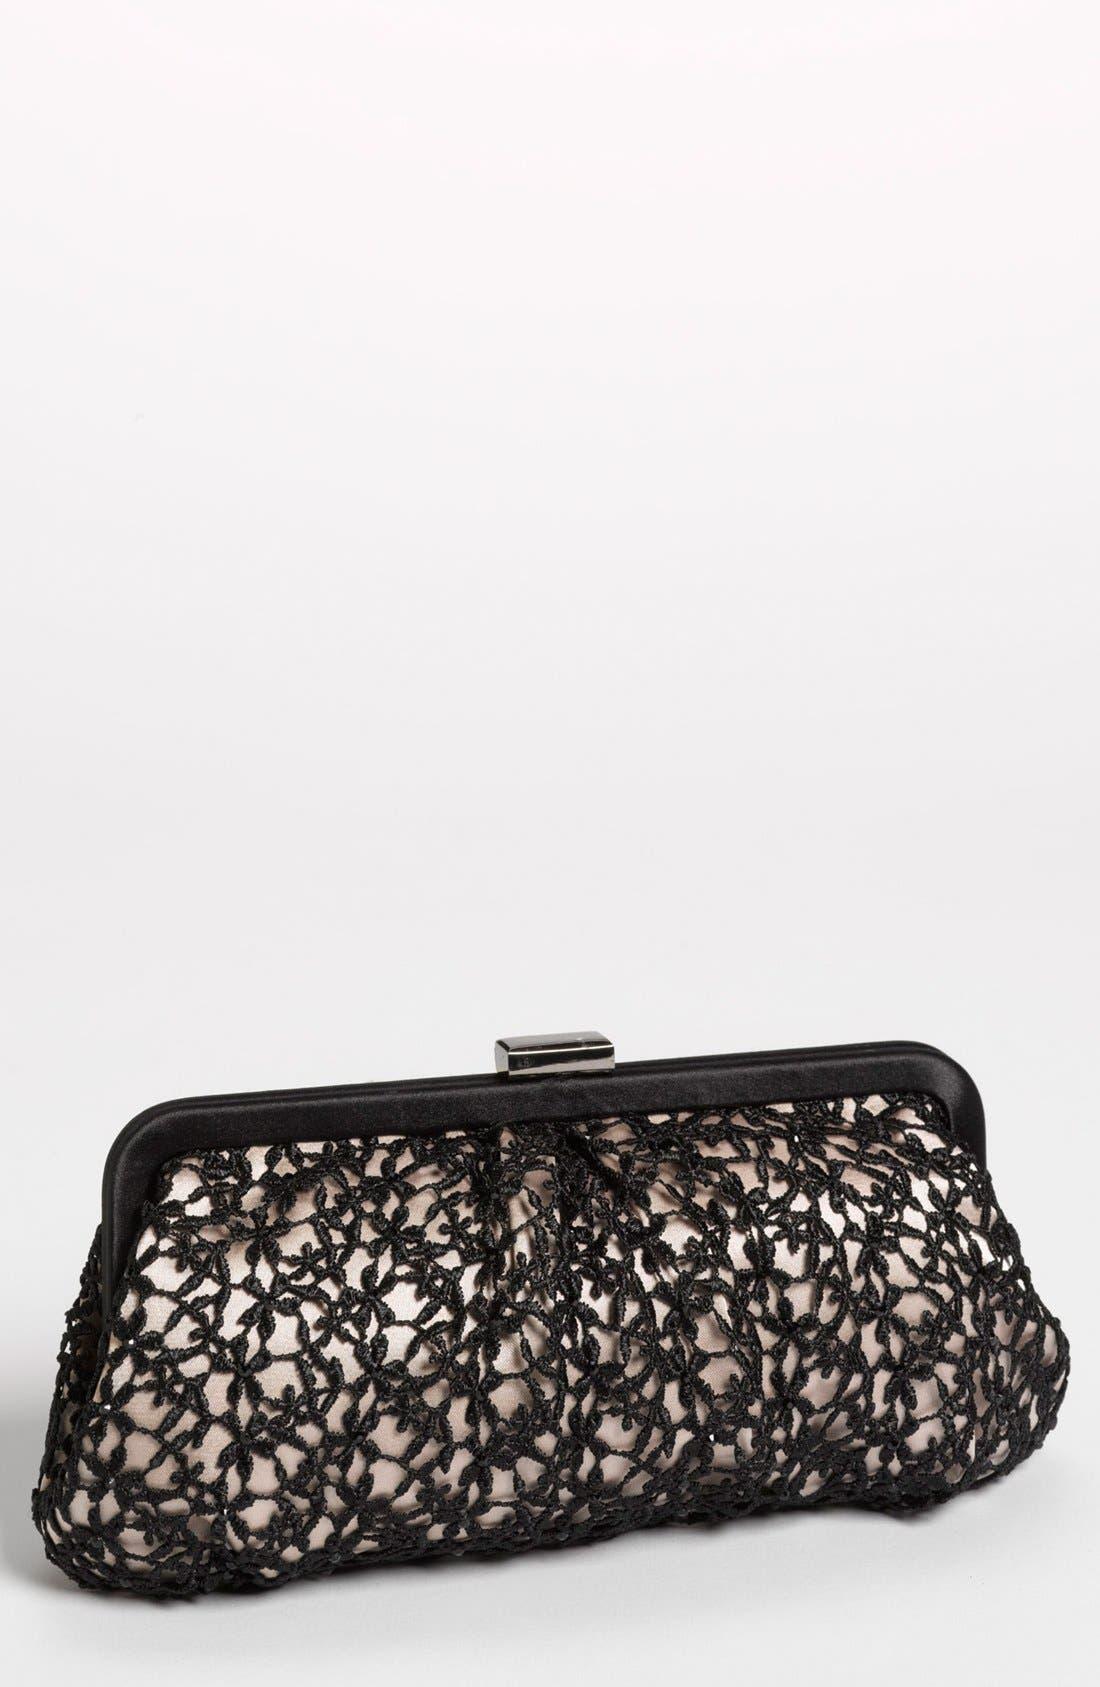 Menbur 'Crochet Floral' Clutch